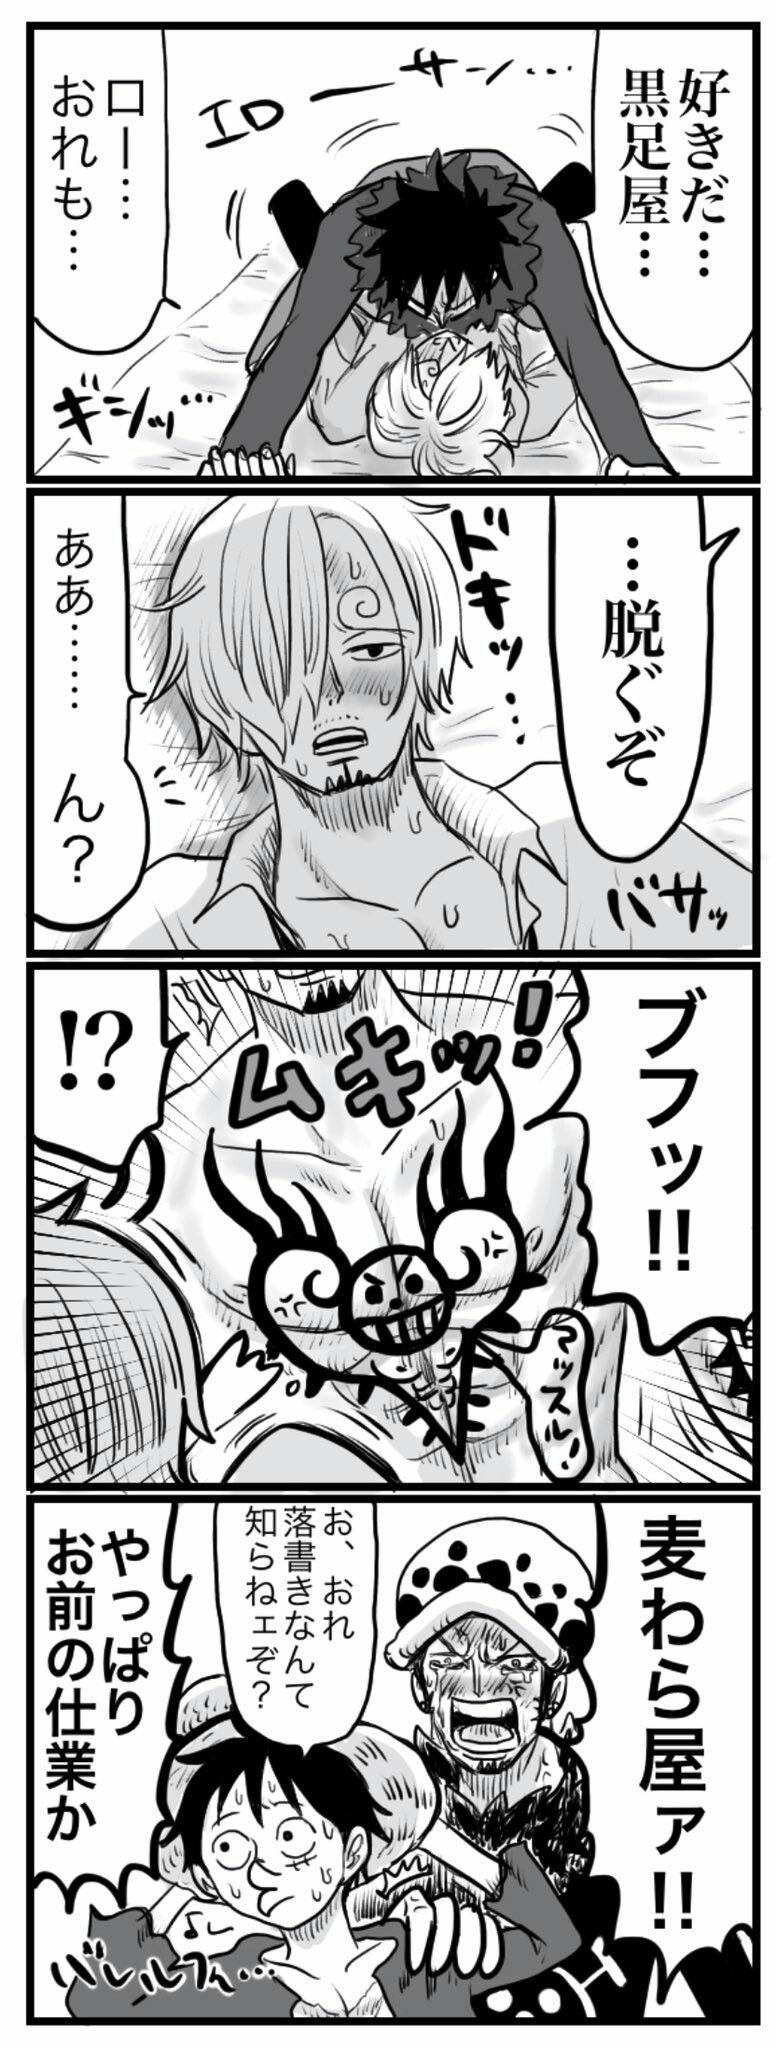 漫画 law